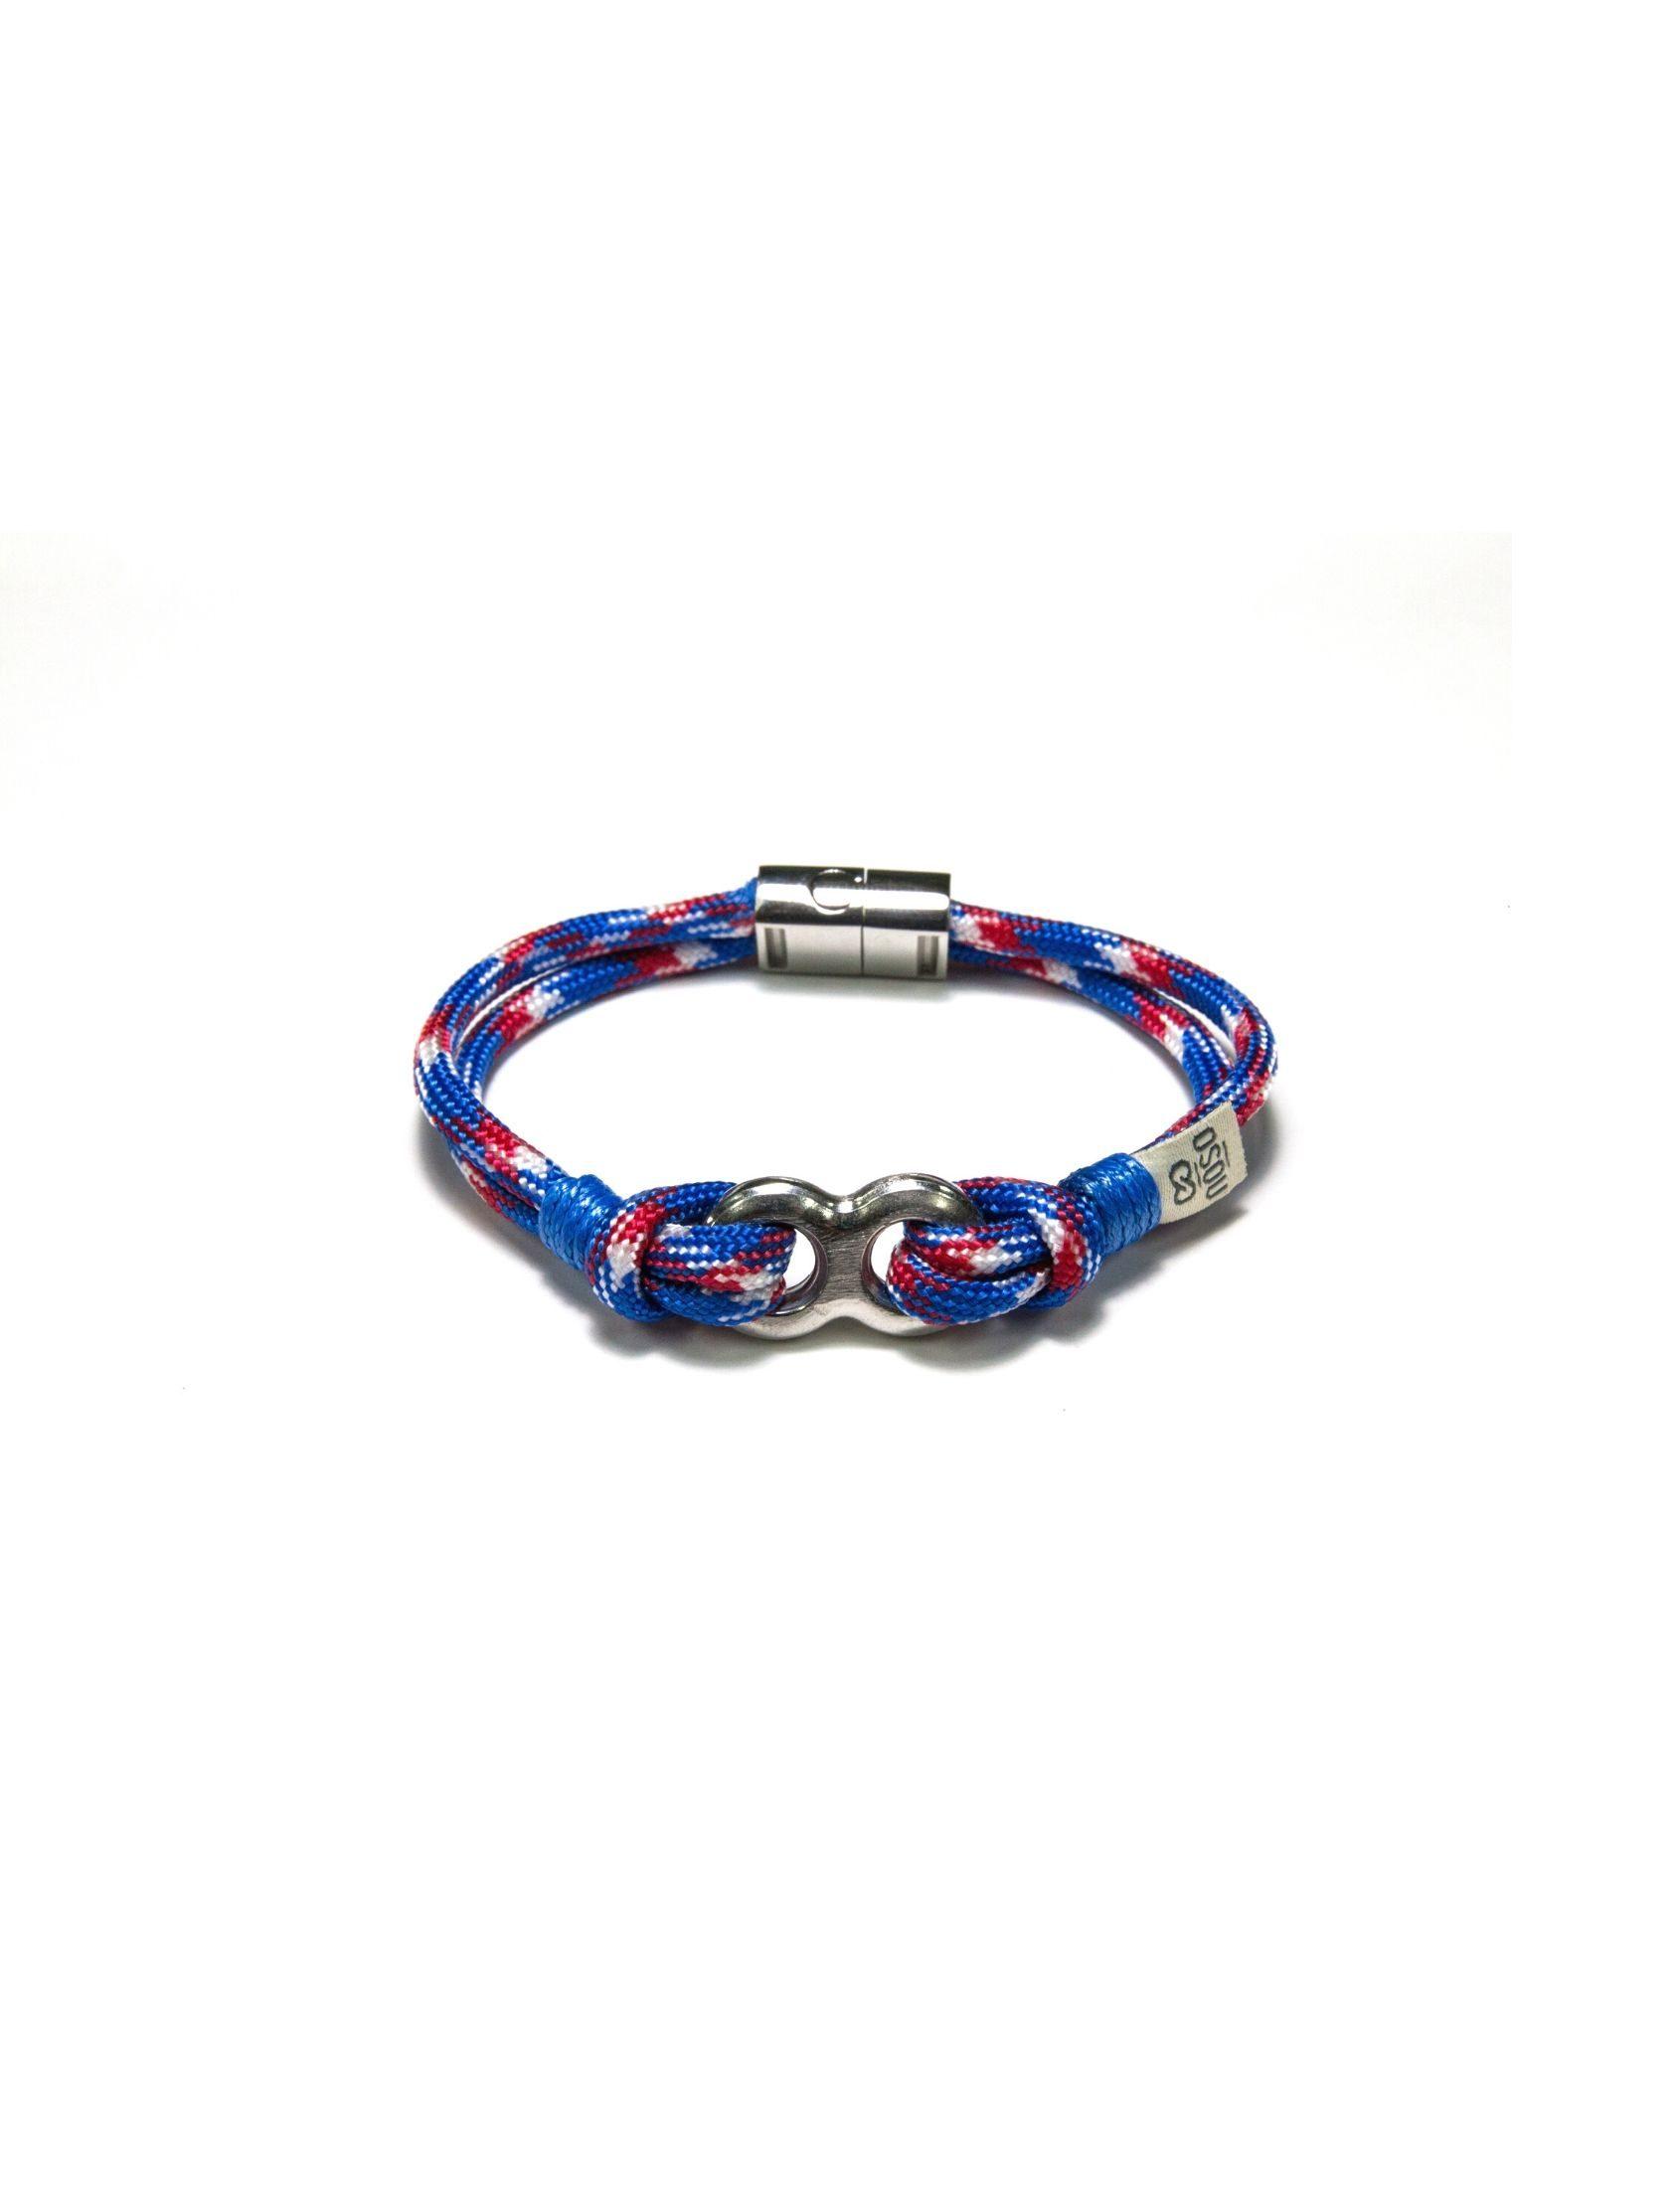 pulsera masculina de cordones en color azul blanco y rojo con pieza de acero inoxidable